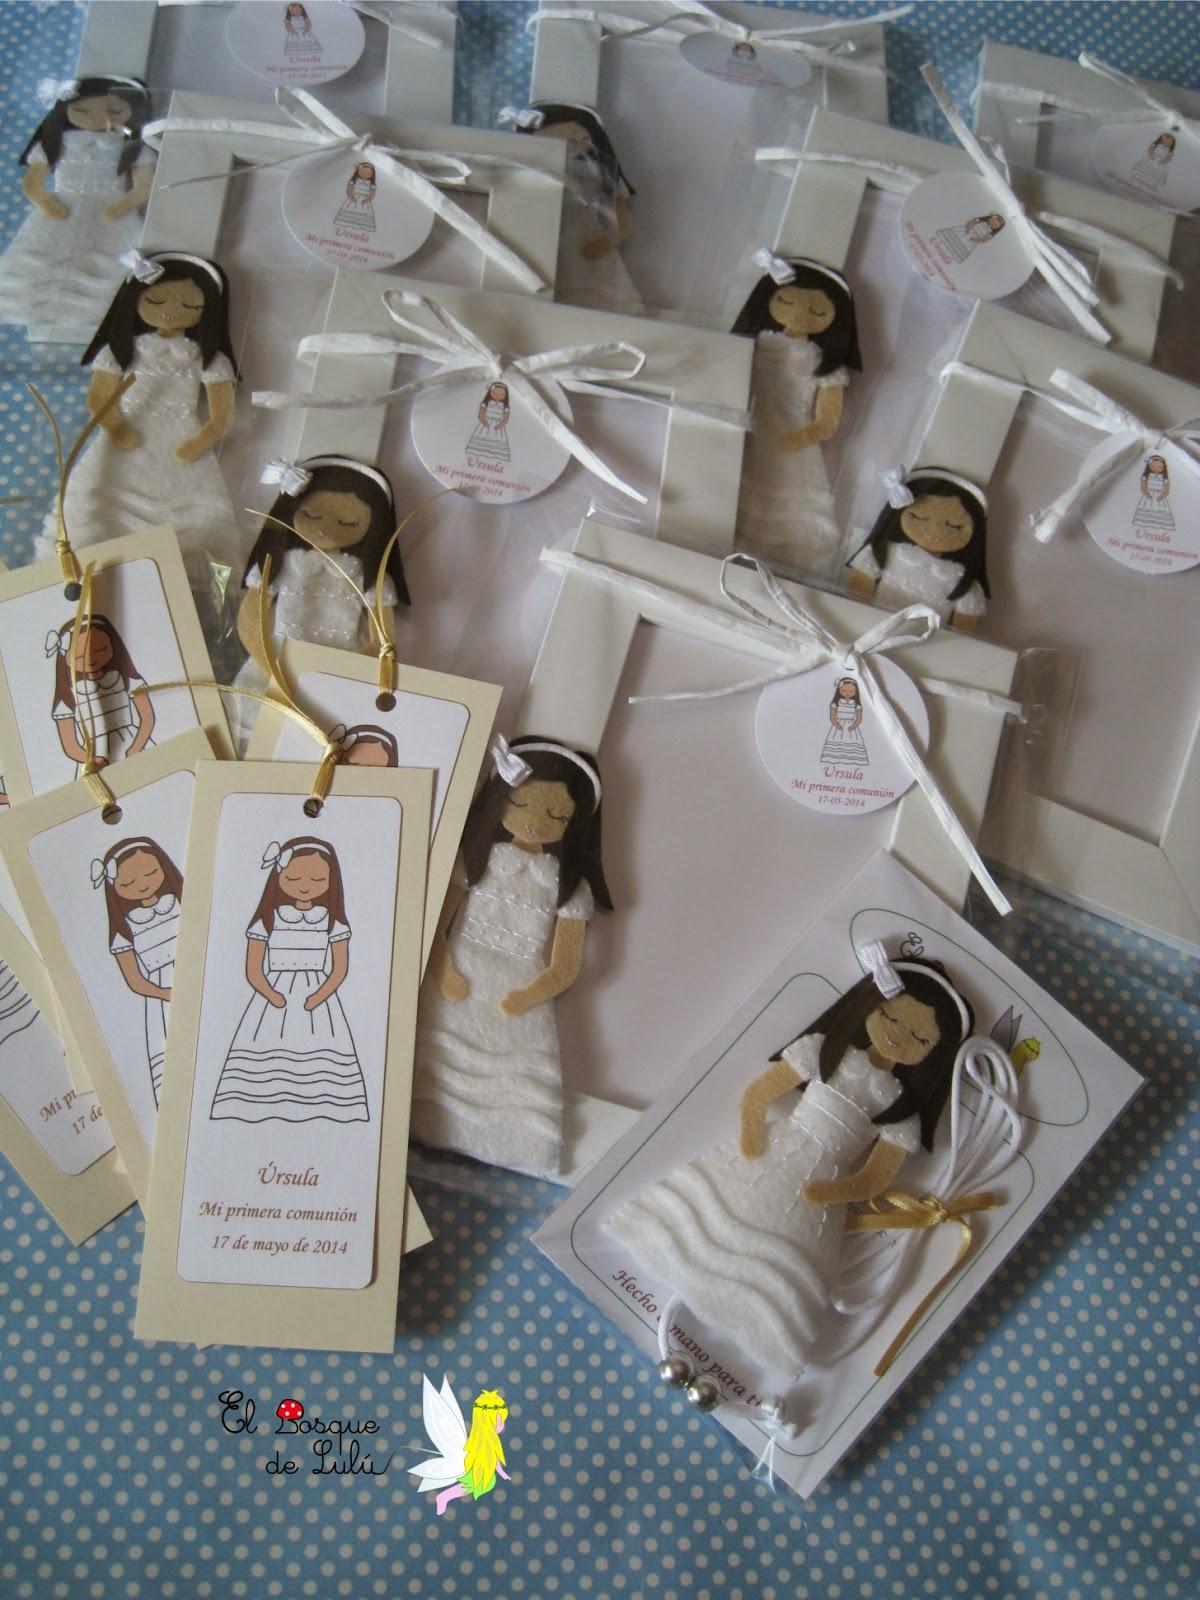 regalos-comunión-personalizado-fieltro-marco-foto-recordatorios-marcapáginas-collar-muñeca